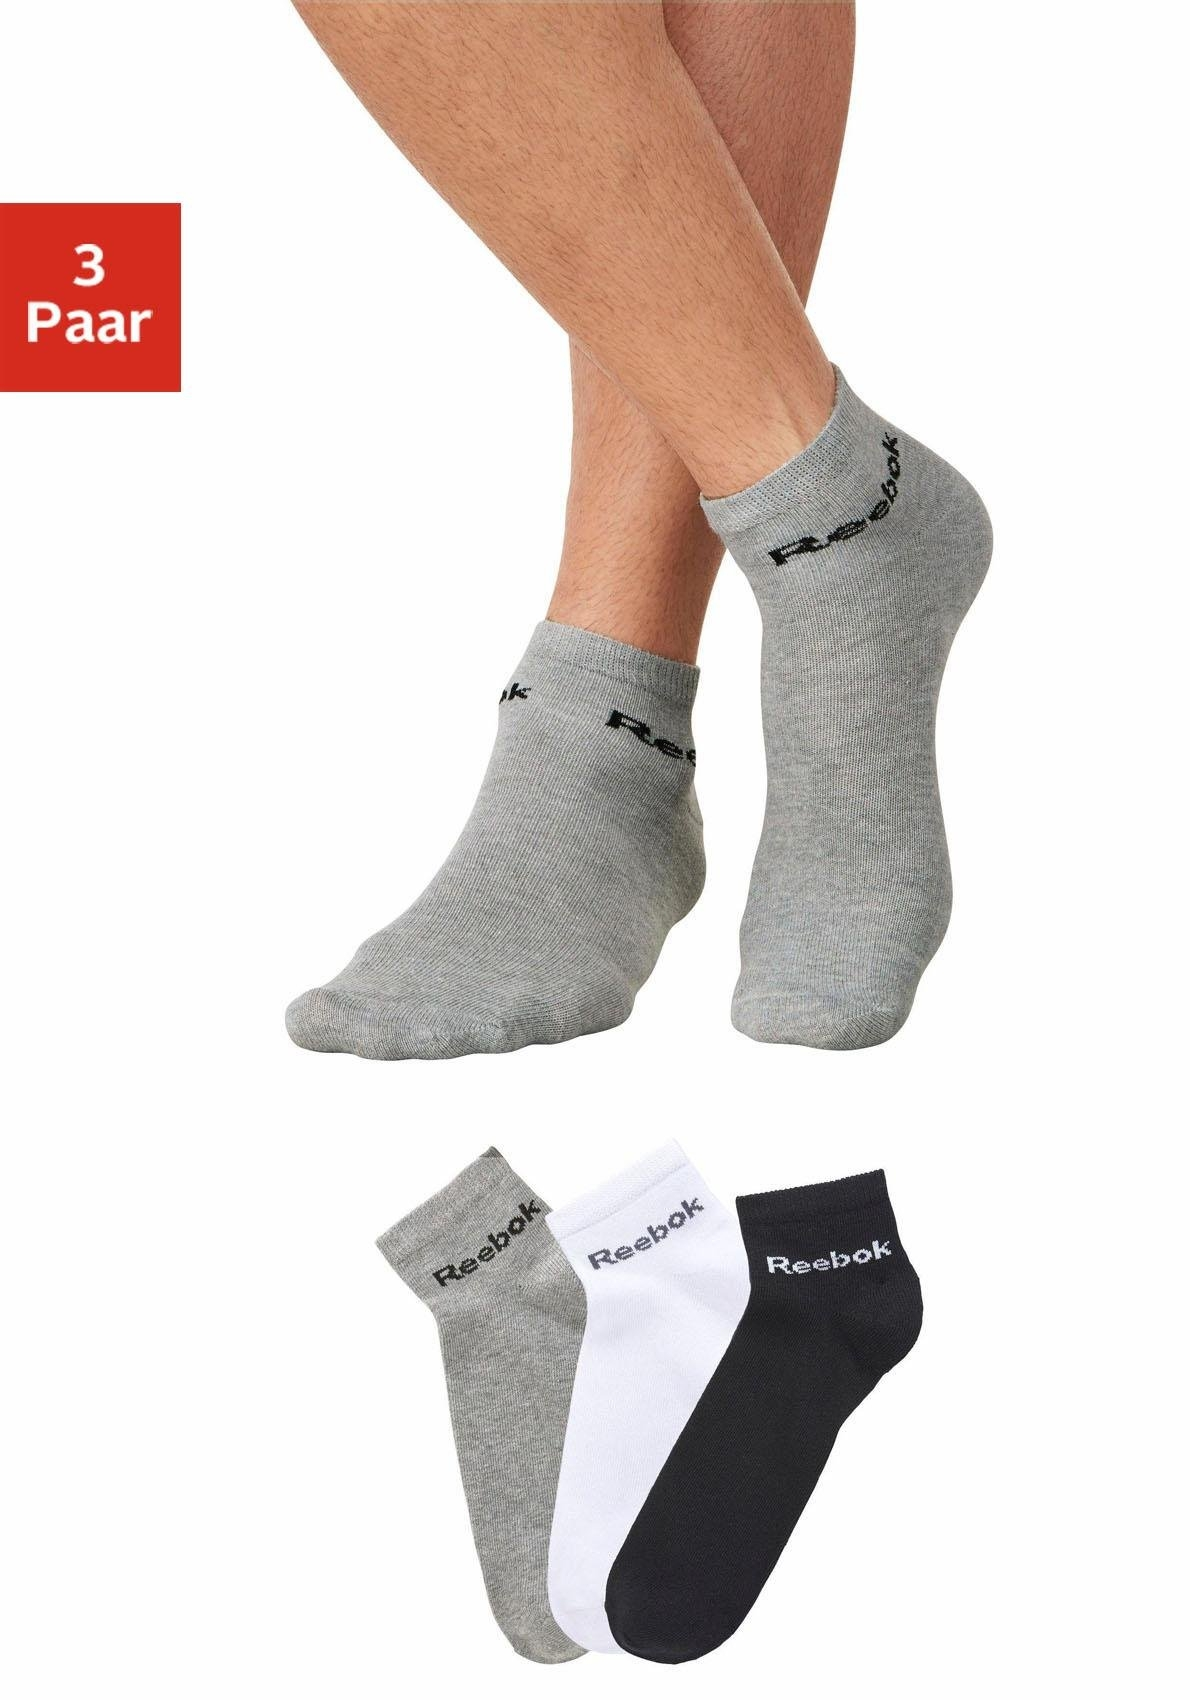 Reebok Sports Reebok korte sokken (3 paar) nu online kopen bij Lascana